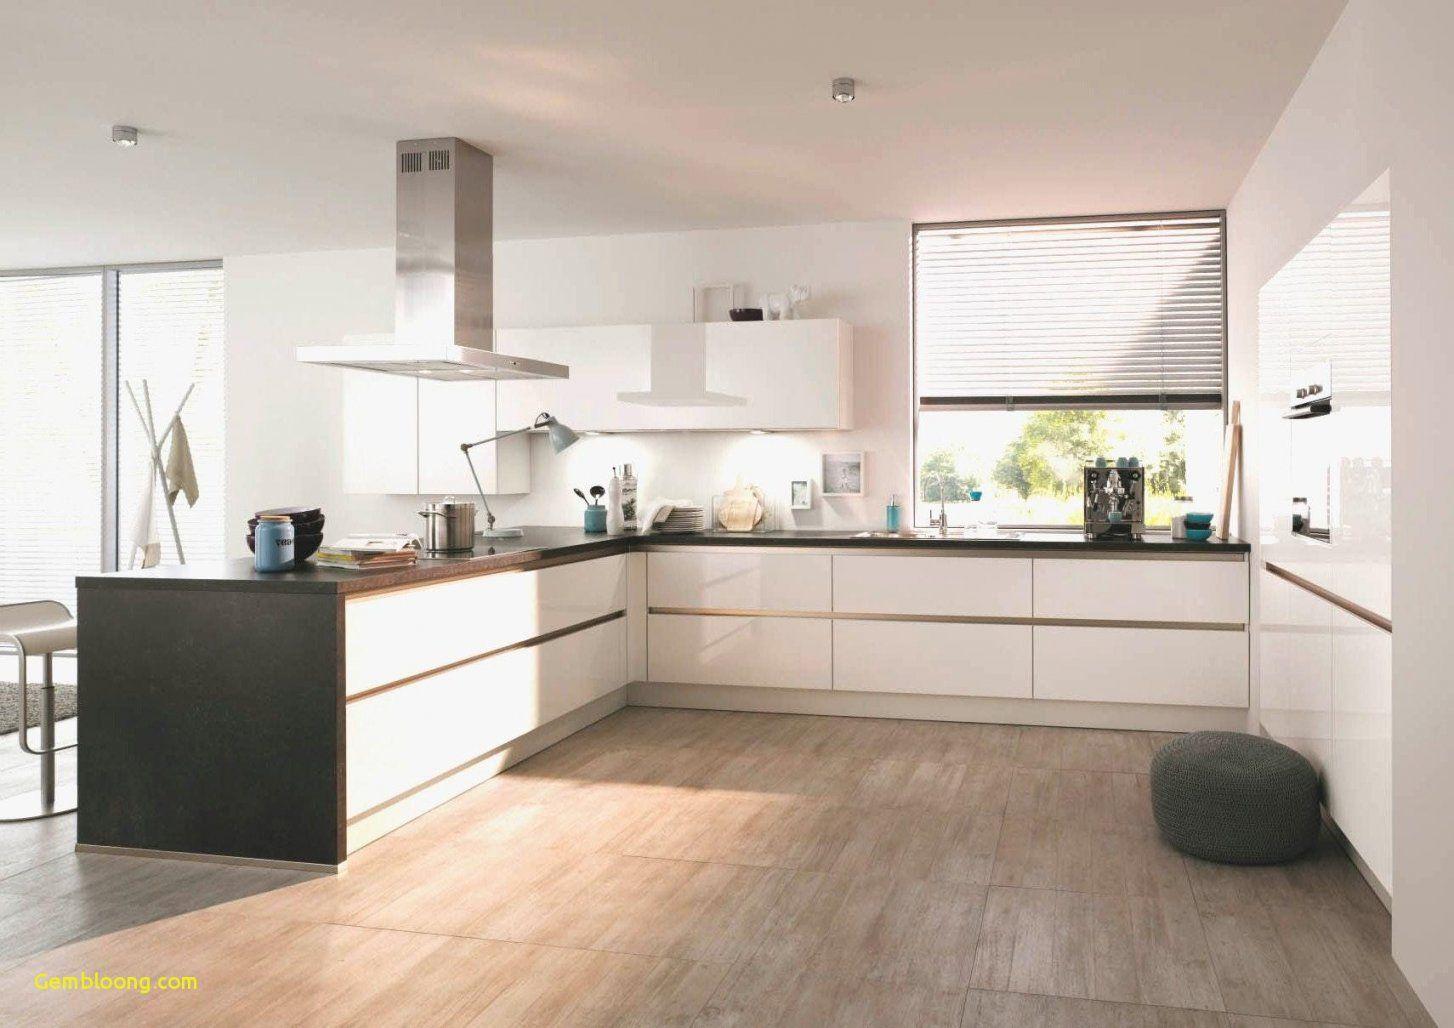 35 Kleine Küche Gestalten Ideen  Küchen Design & Ideen von Kleine Küche Gestalten Ideen Bild